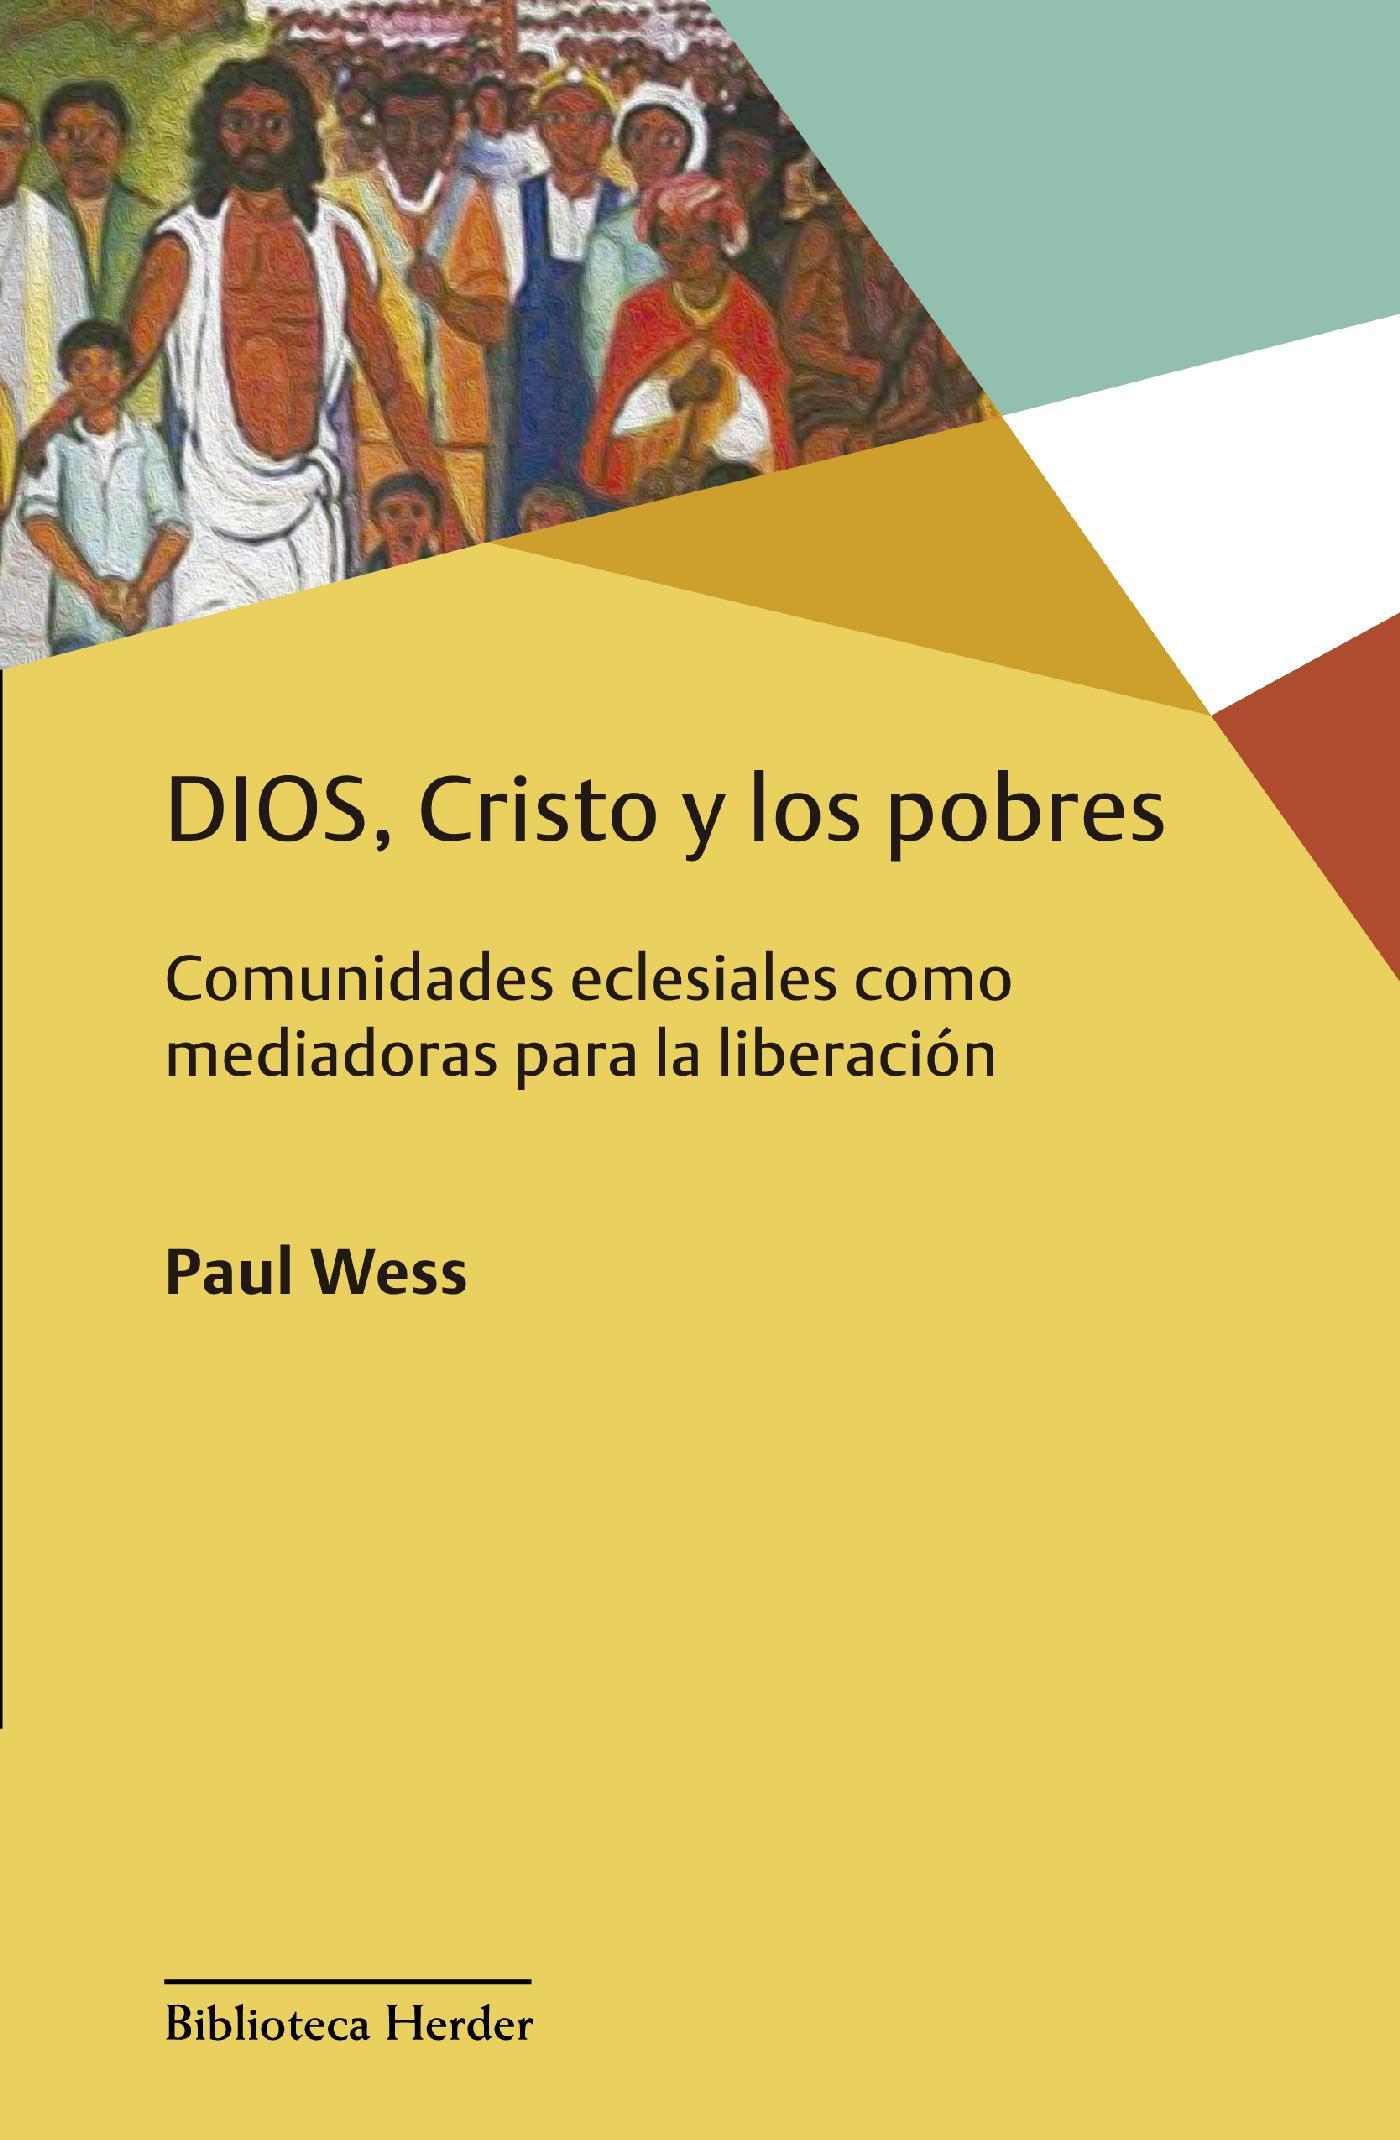 DIOS, Cristo y los pobres